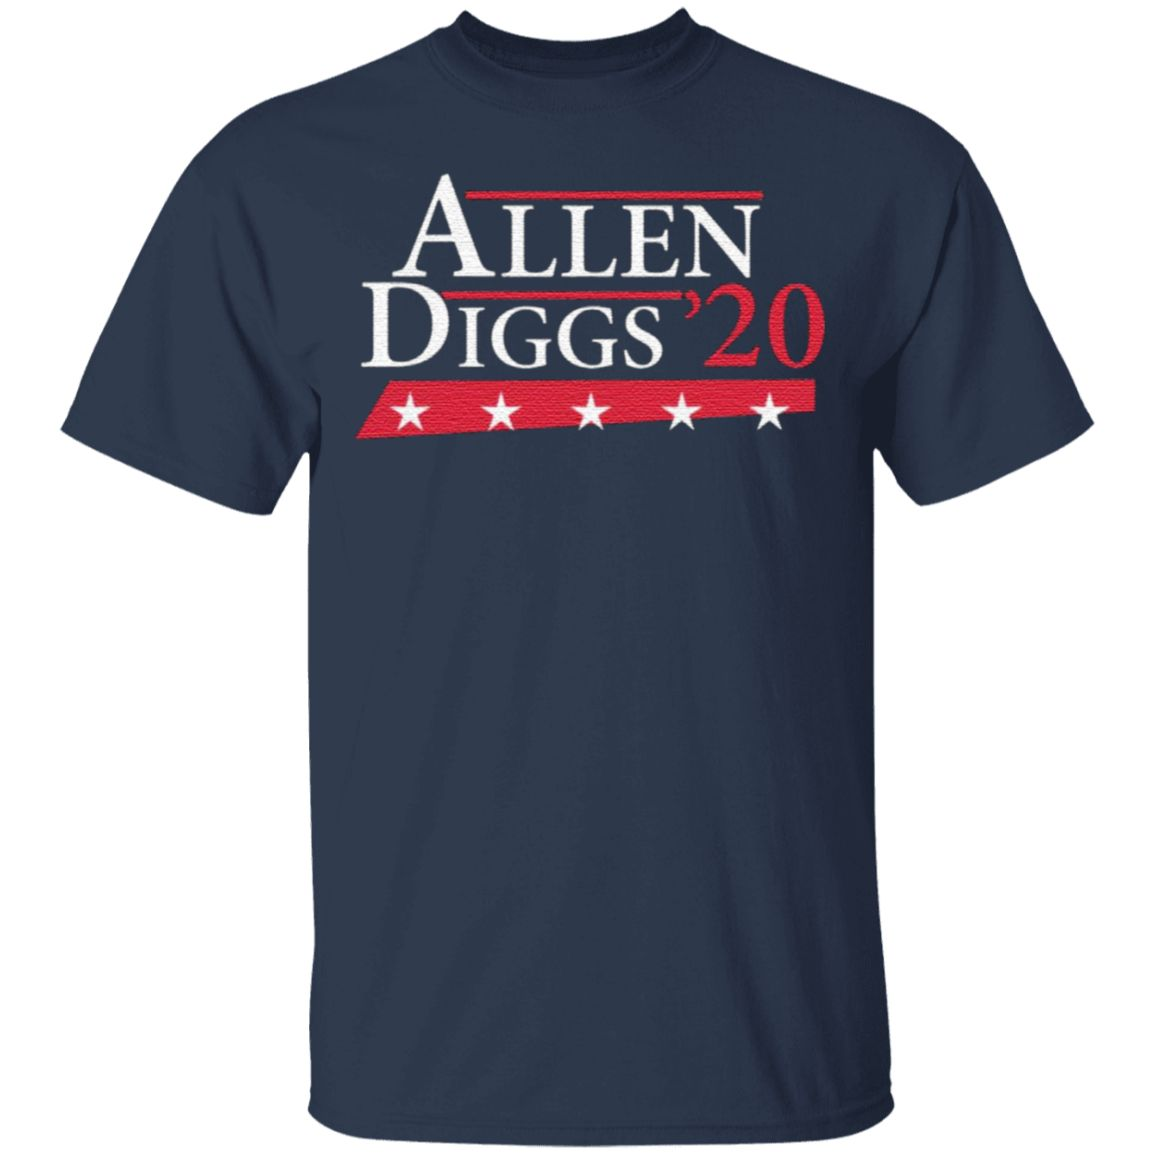 Allen Diggs 2020 TShirt